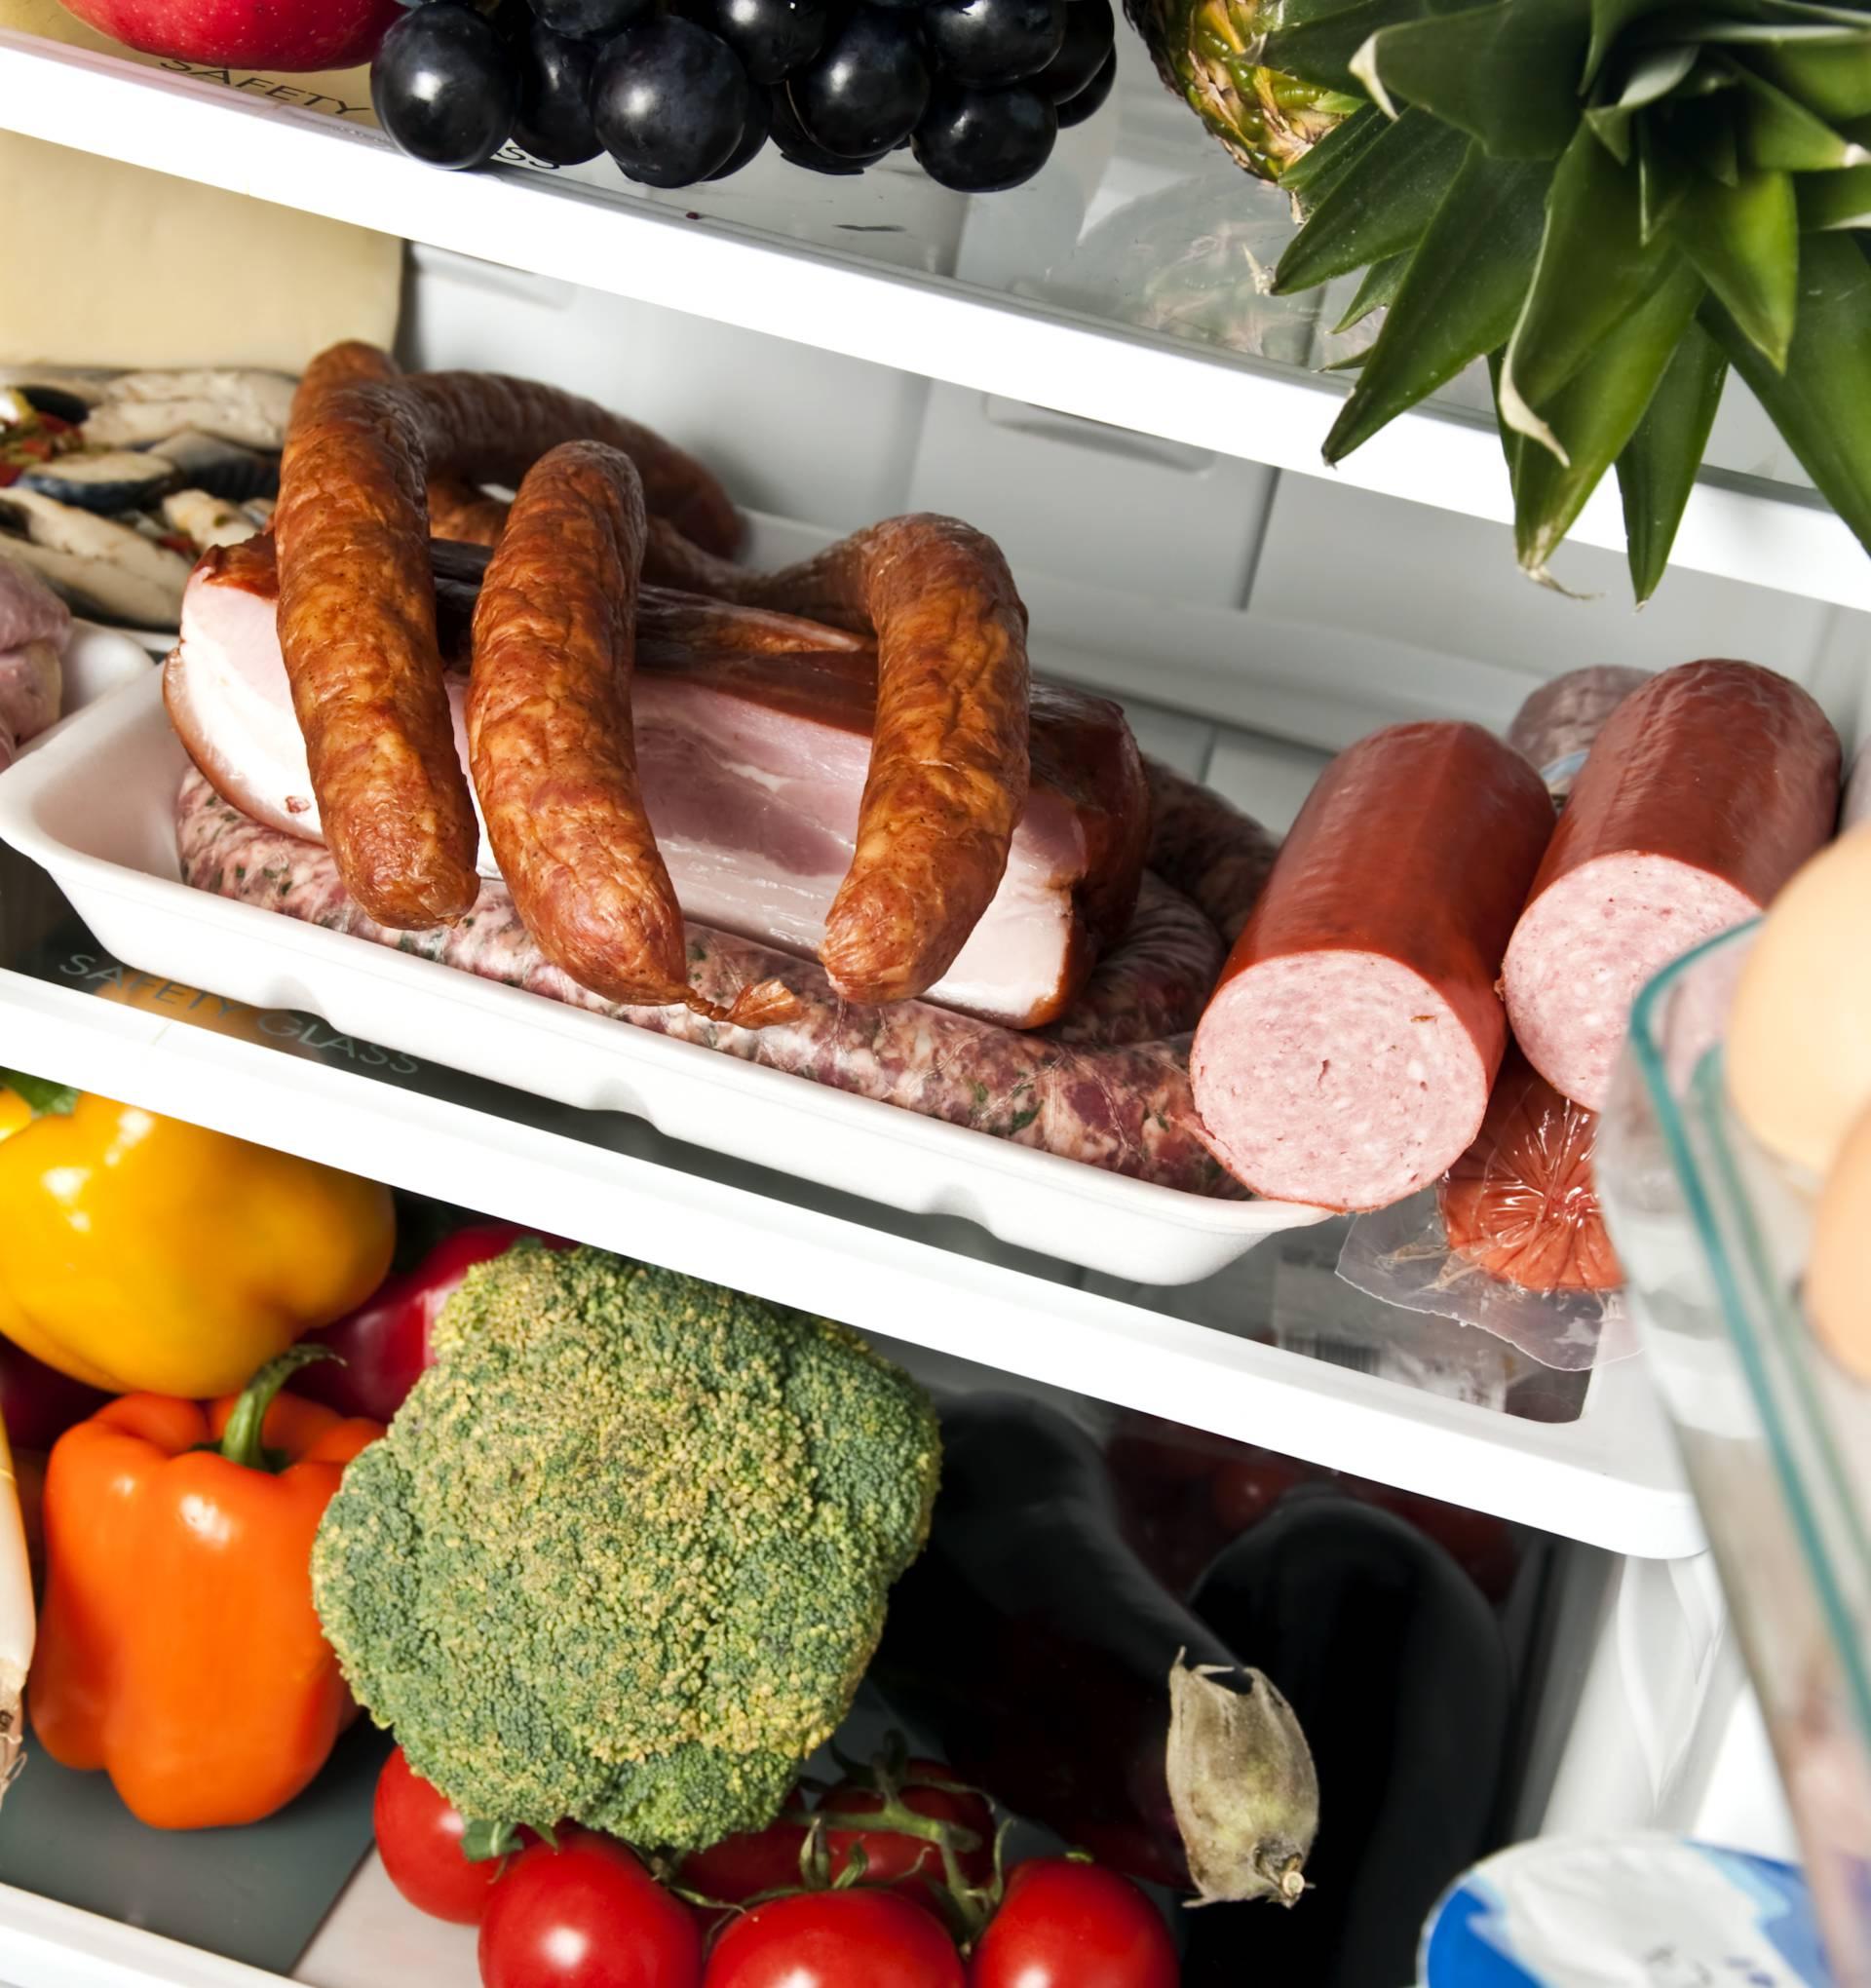 Šunka u komadu i jaja u ljusci u hladnjaku traju cijeli tjedan